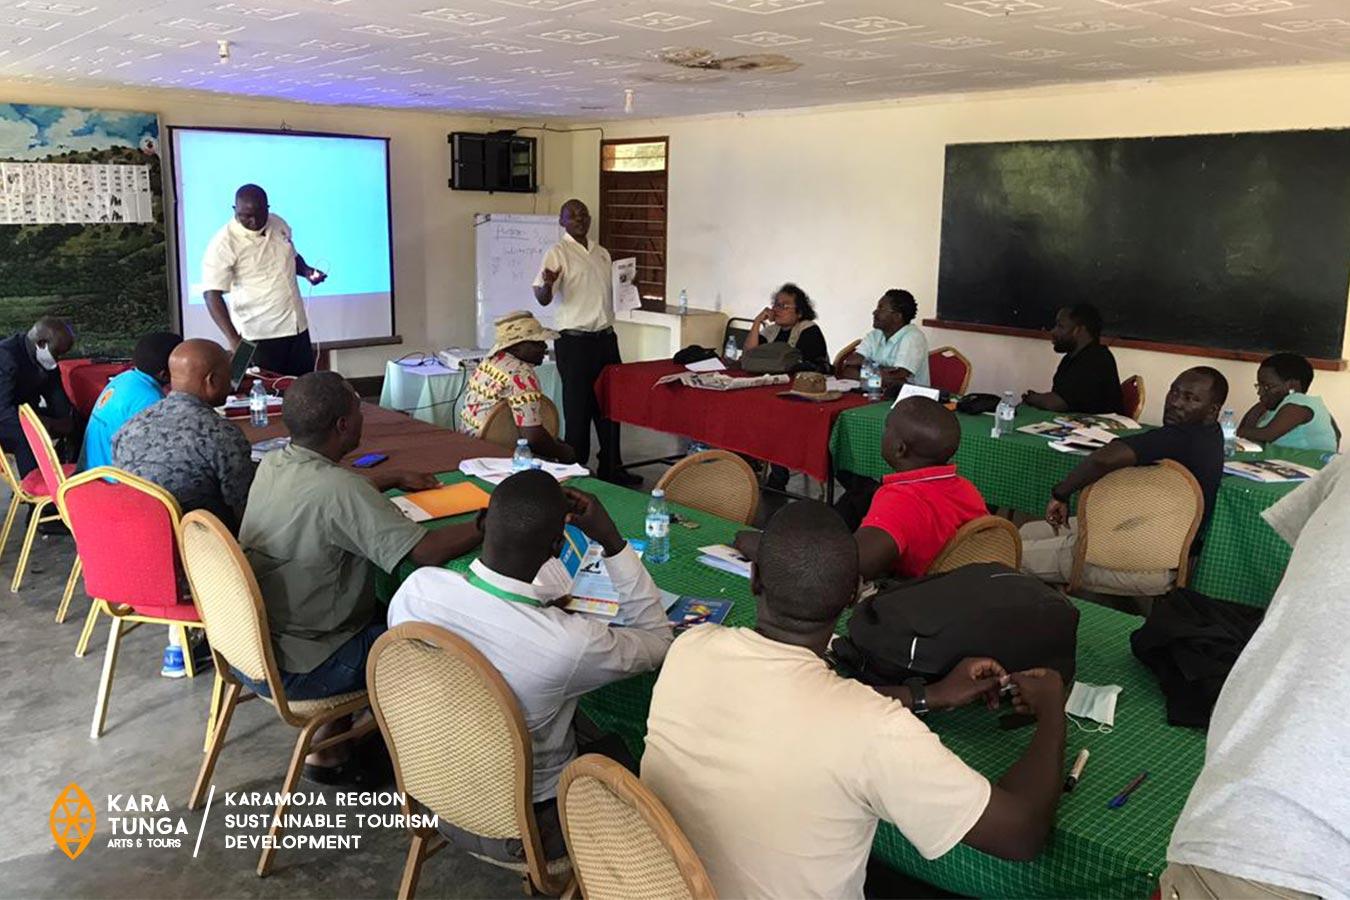 kara-tunga-dit-tour-guide-atp-assessers-training-karamoja-uganda-academy-5